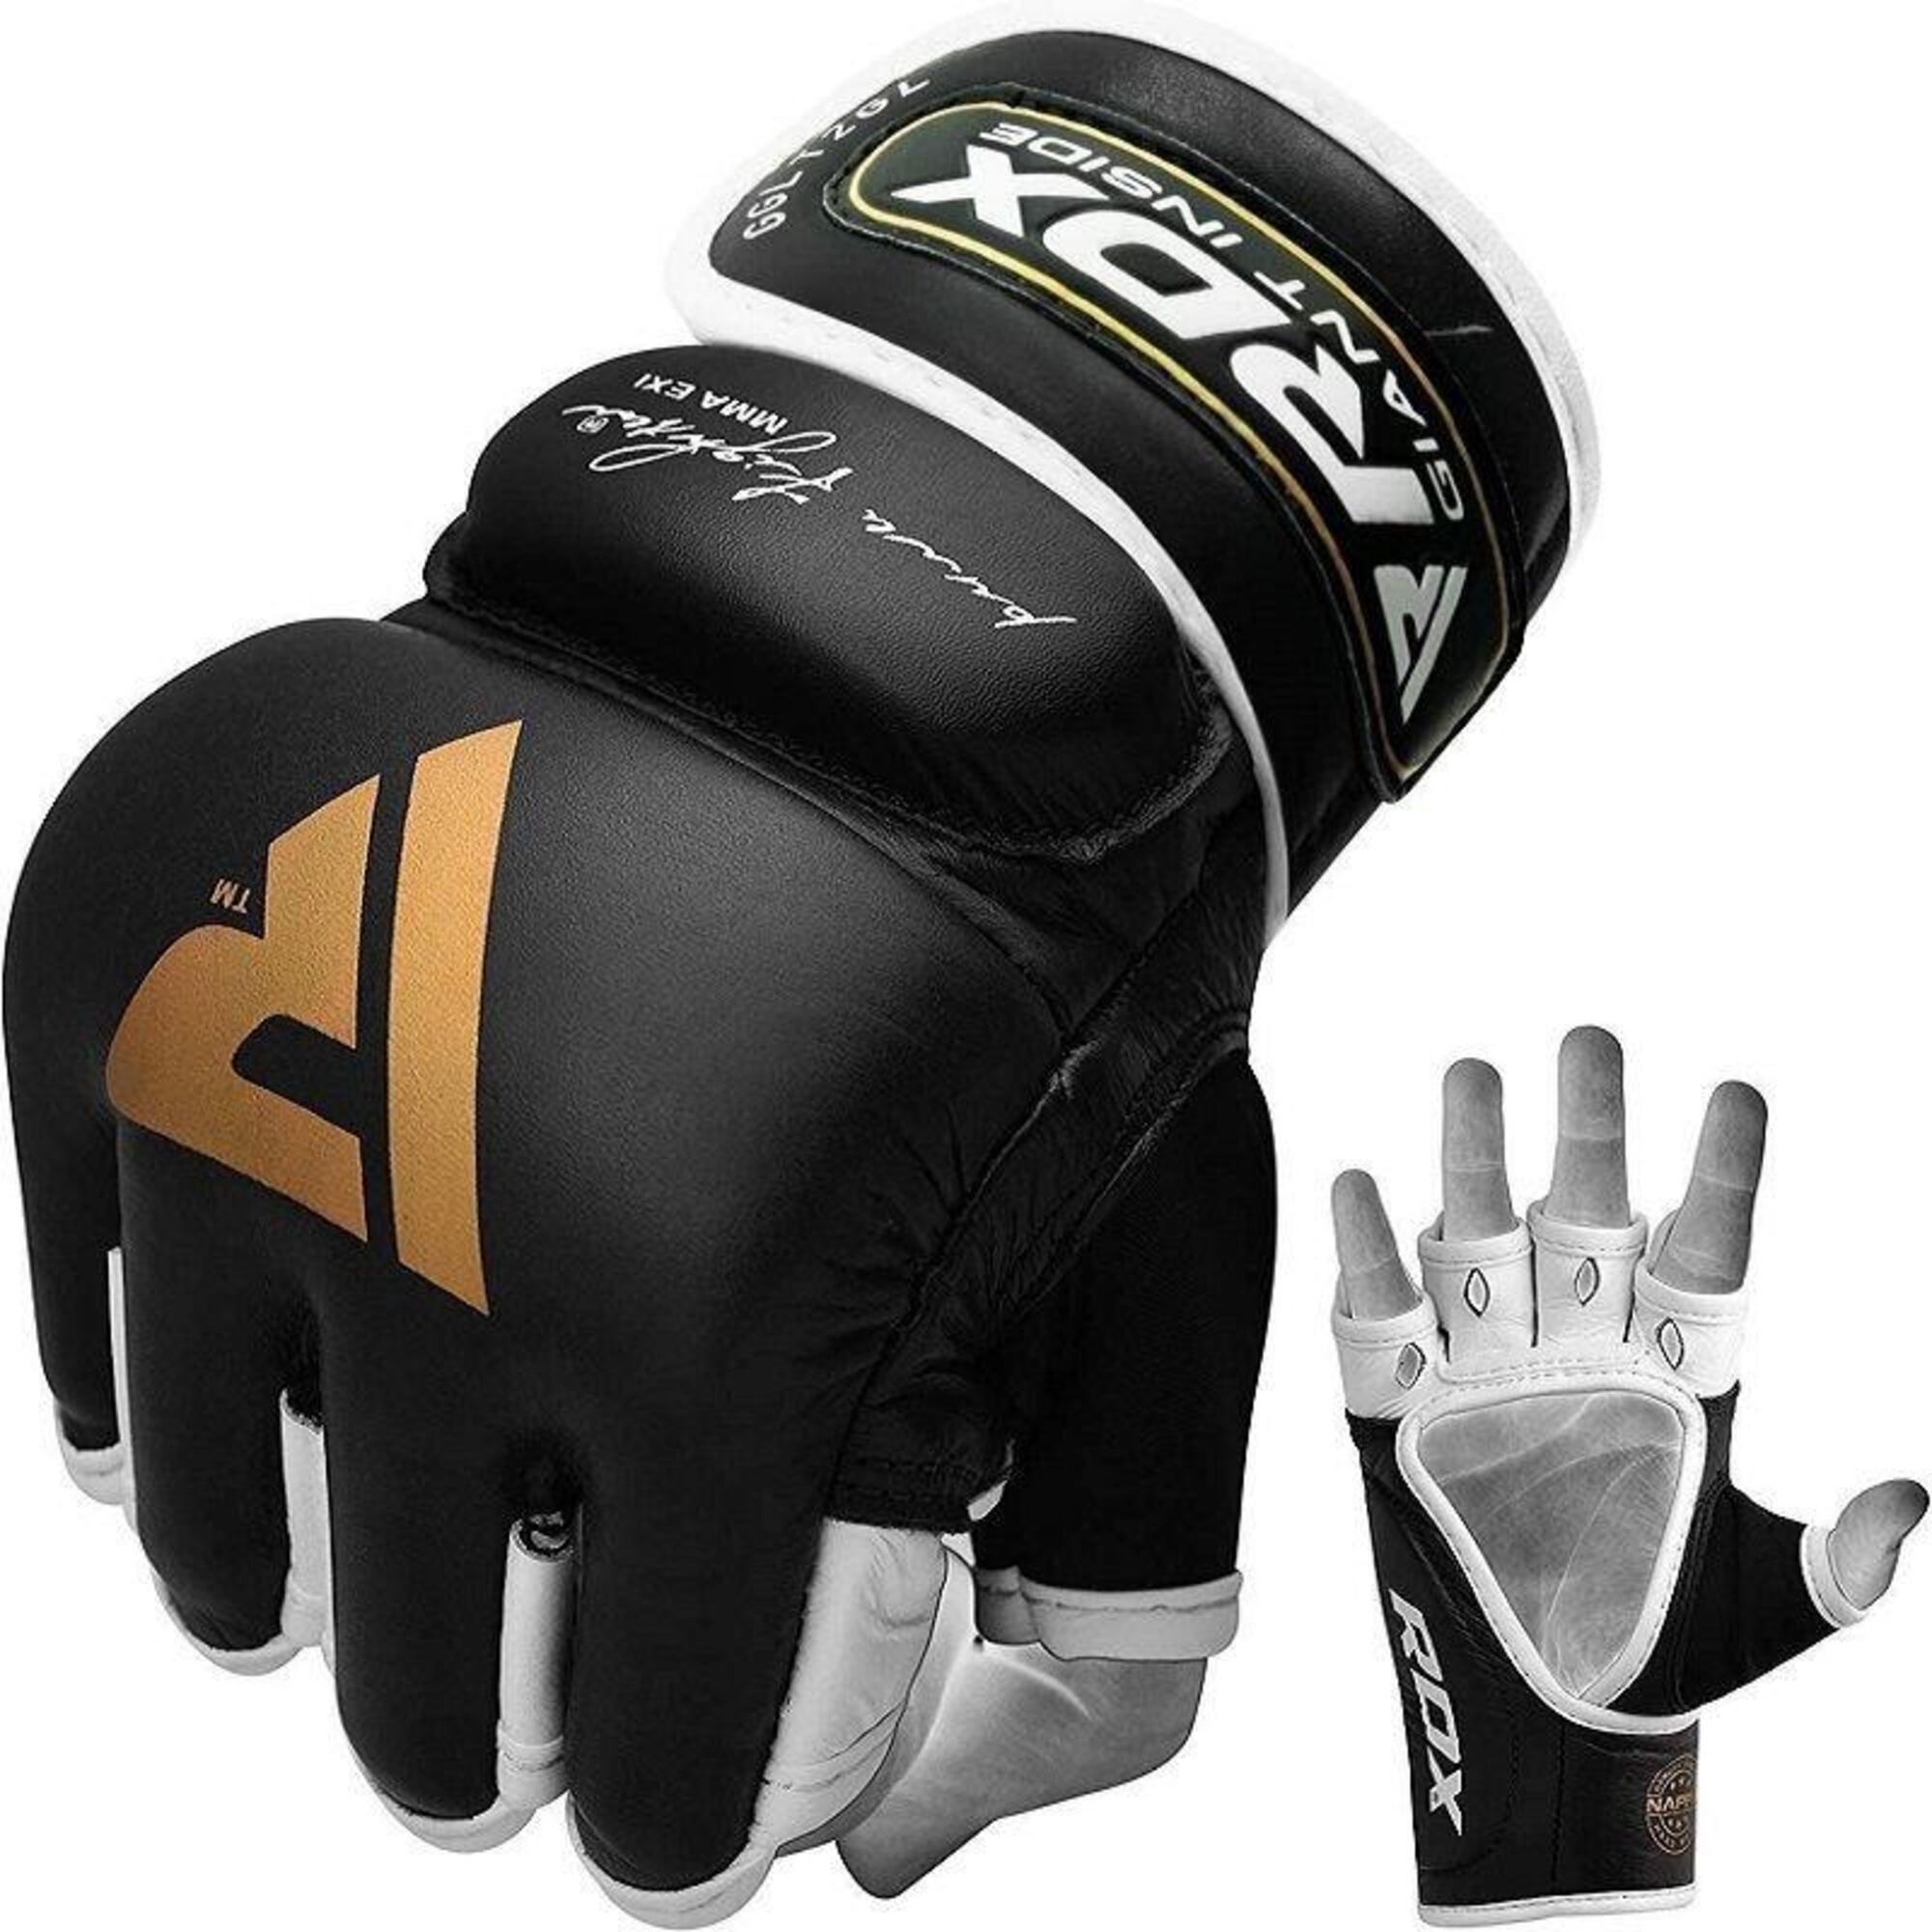 T2 Leather MMA Handschoenen - Goud / Zwart - Leer - Extra Large